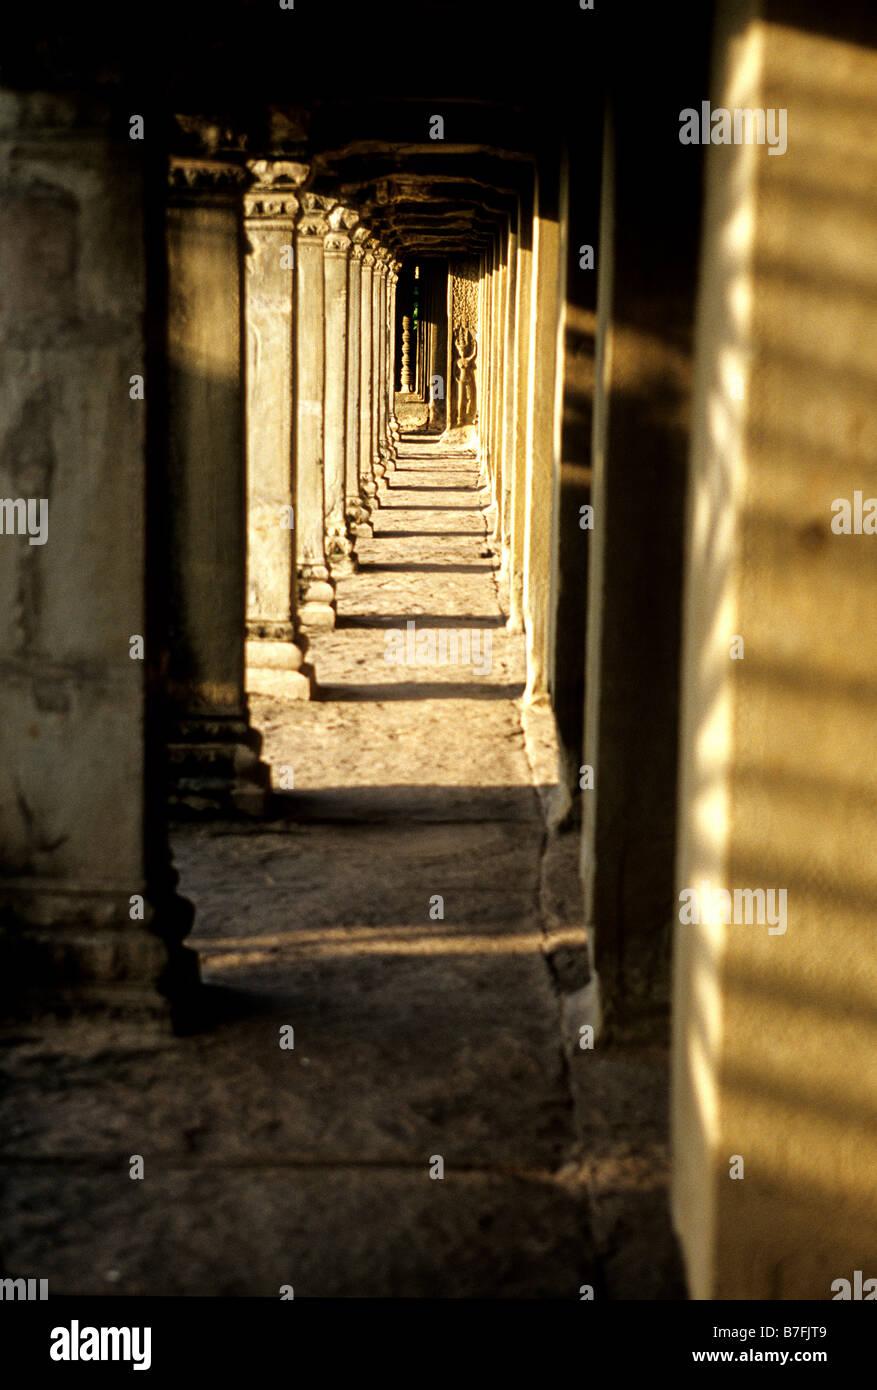 Ruinen des 12. Jahrhundert Khmer-Tempel von Angkor Wat - Angkor Wat Ruinen in der Nähe von Siem Reap, Kambodscha Stockbild